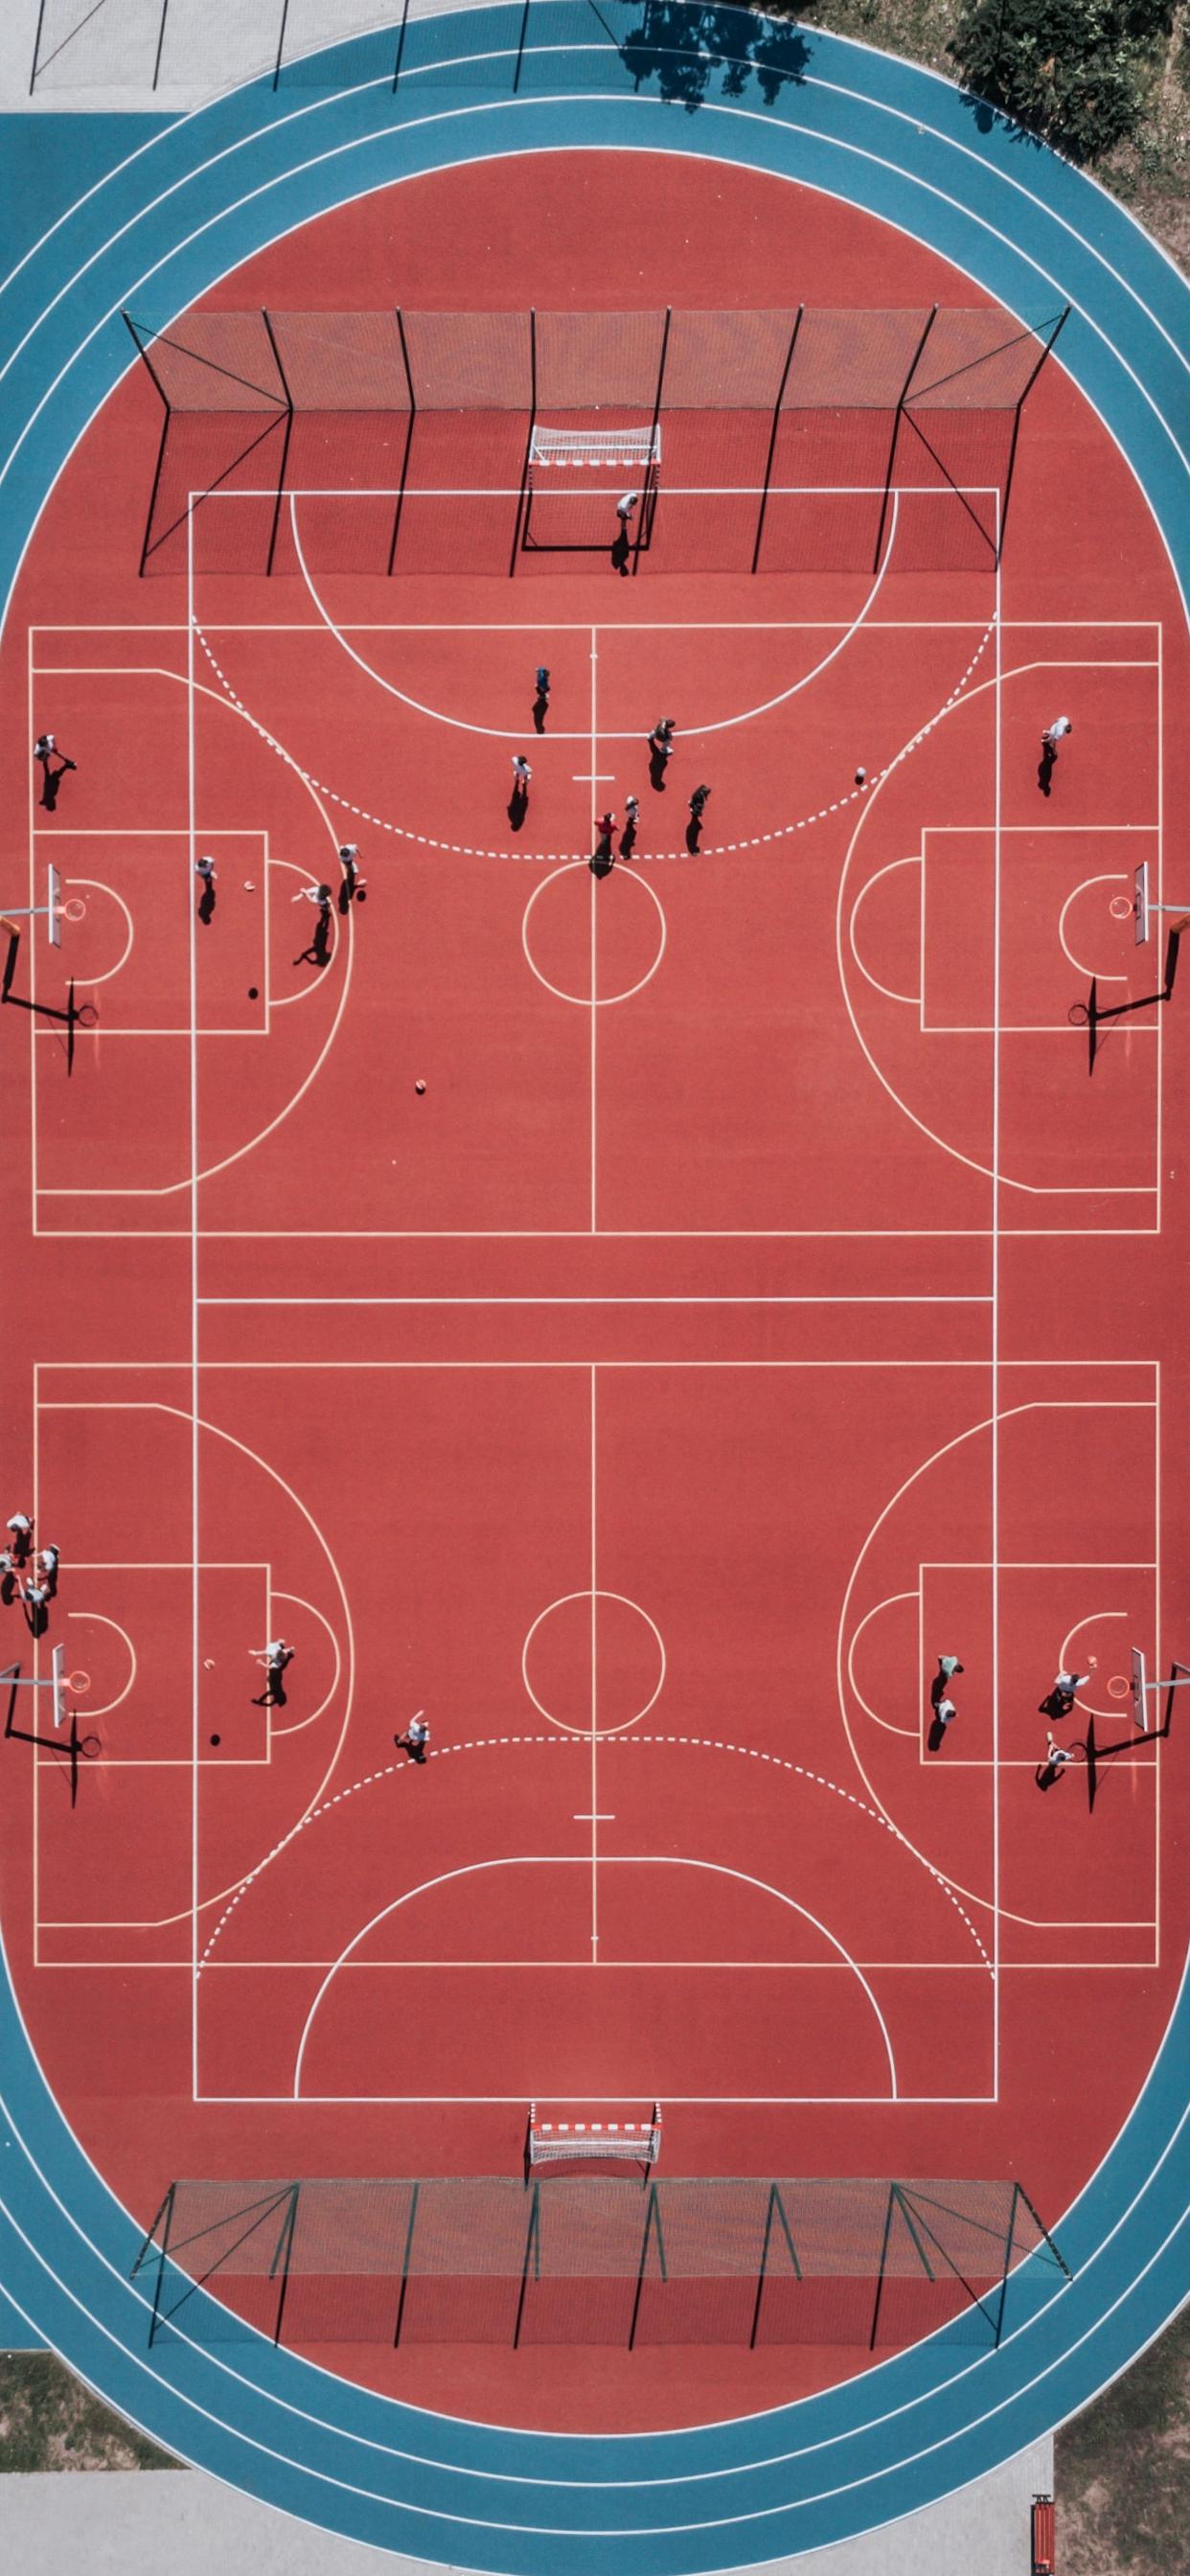 iPhone wallpapers sports running stadium Fonds d'écran iPhone du 20/08/2019